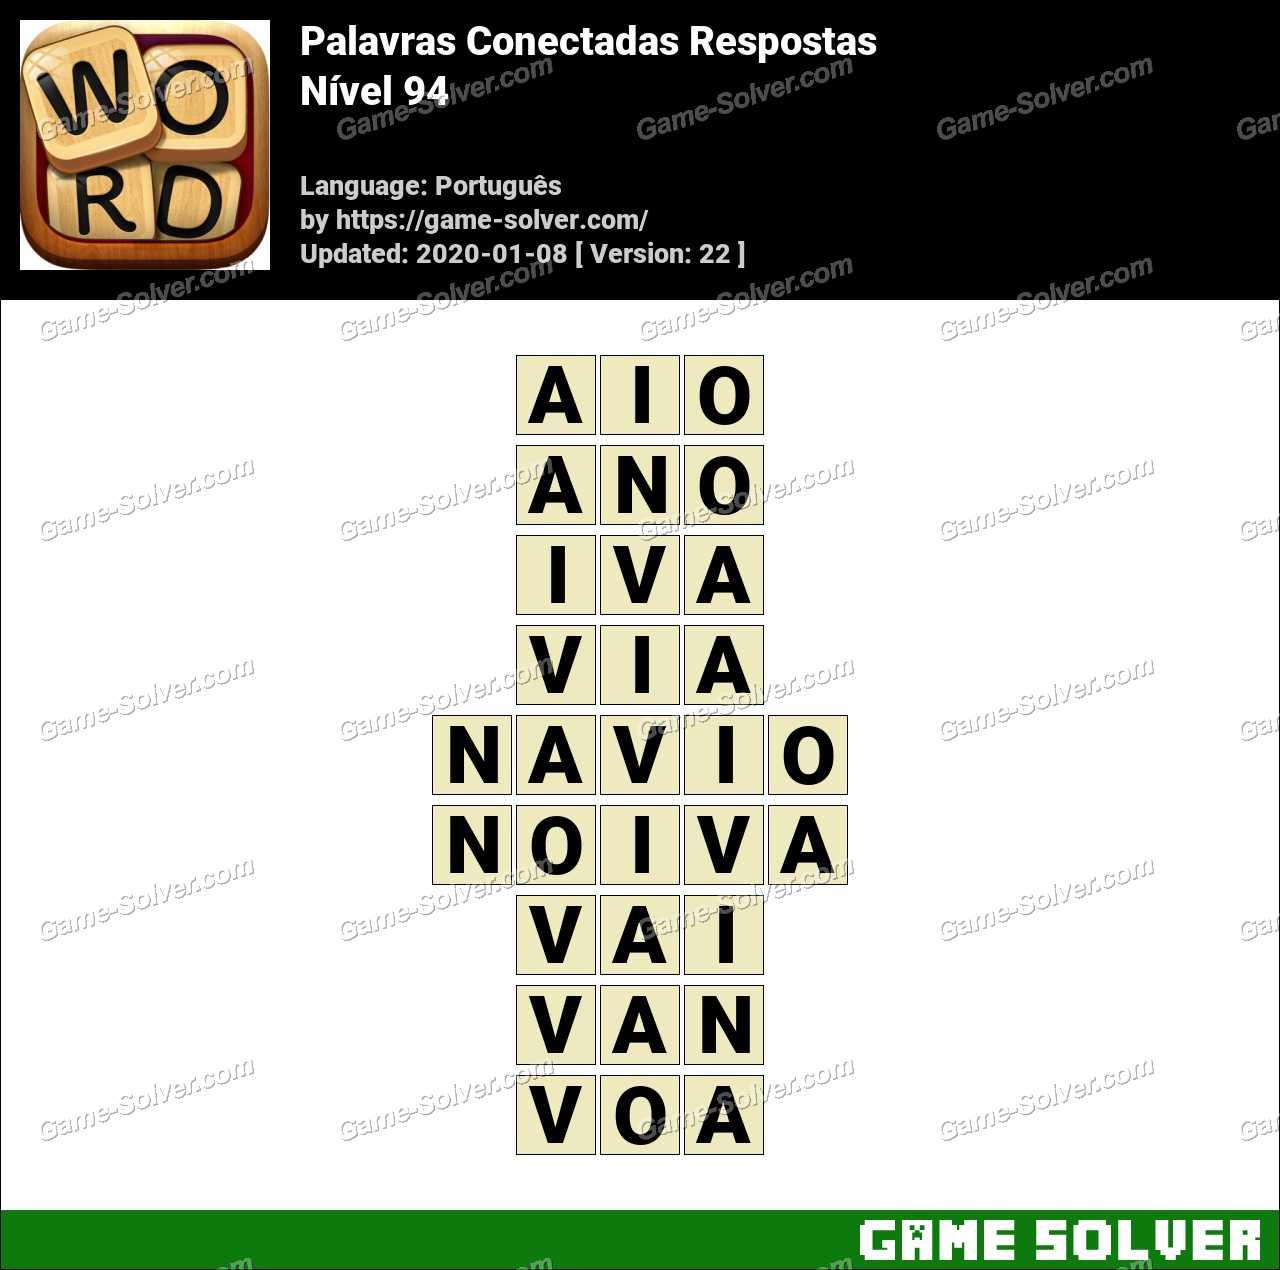 Palavras Conectadas Nivel 94 Respostas